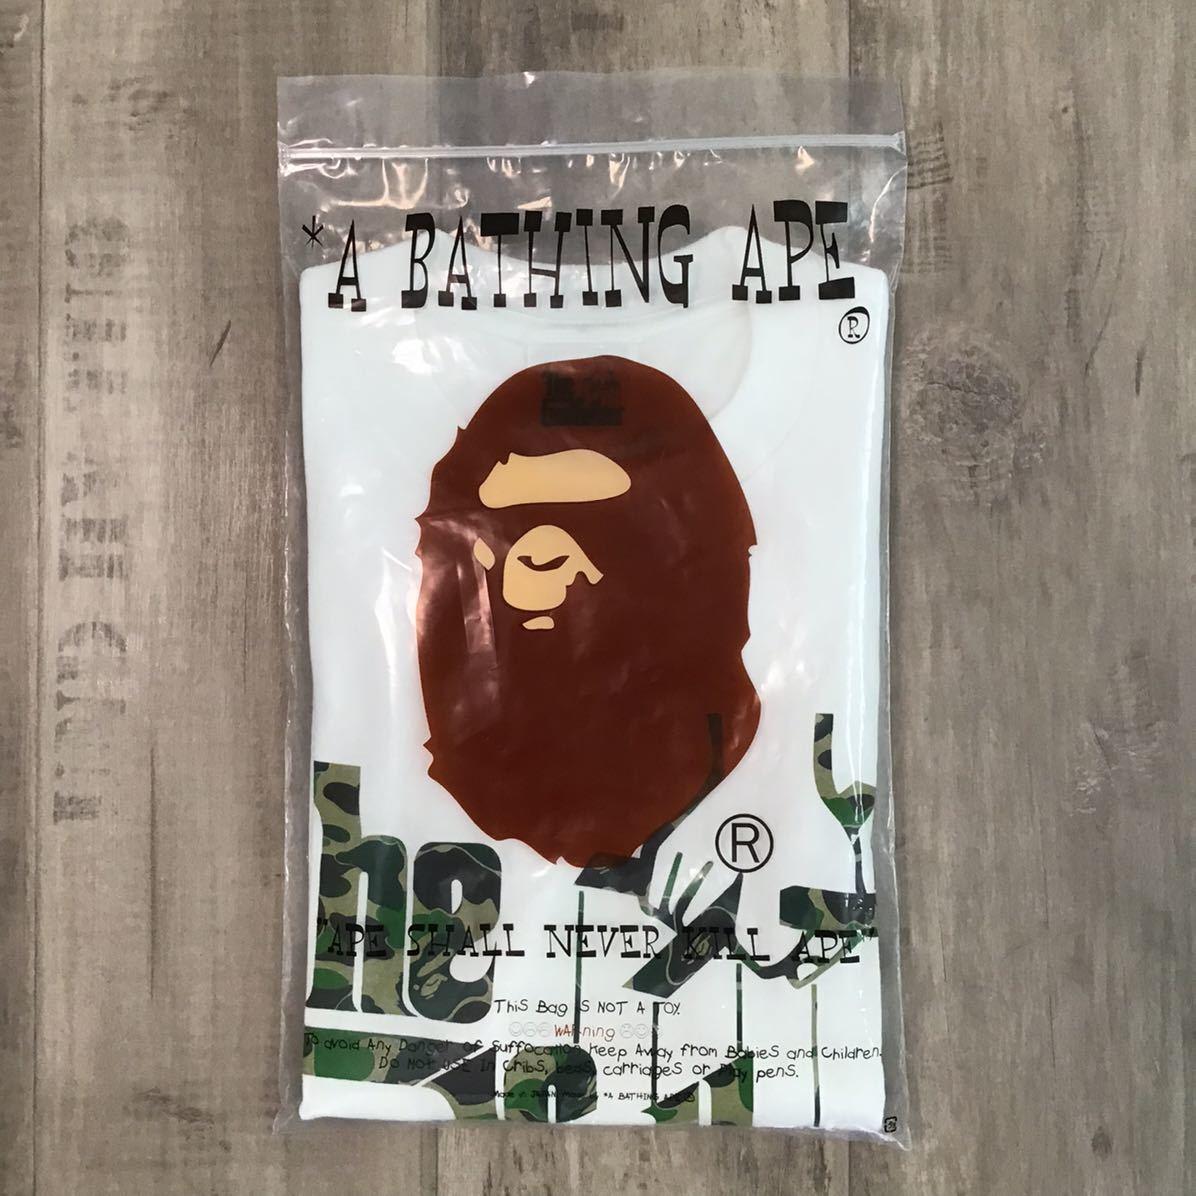 ★新品★ Godfather × bape Tシャツ Lサイズ a bathing ape ゴッドファーザー エイプ ベイプ アベイシングエイプ ABC camo green rp5